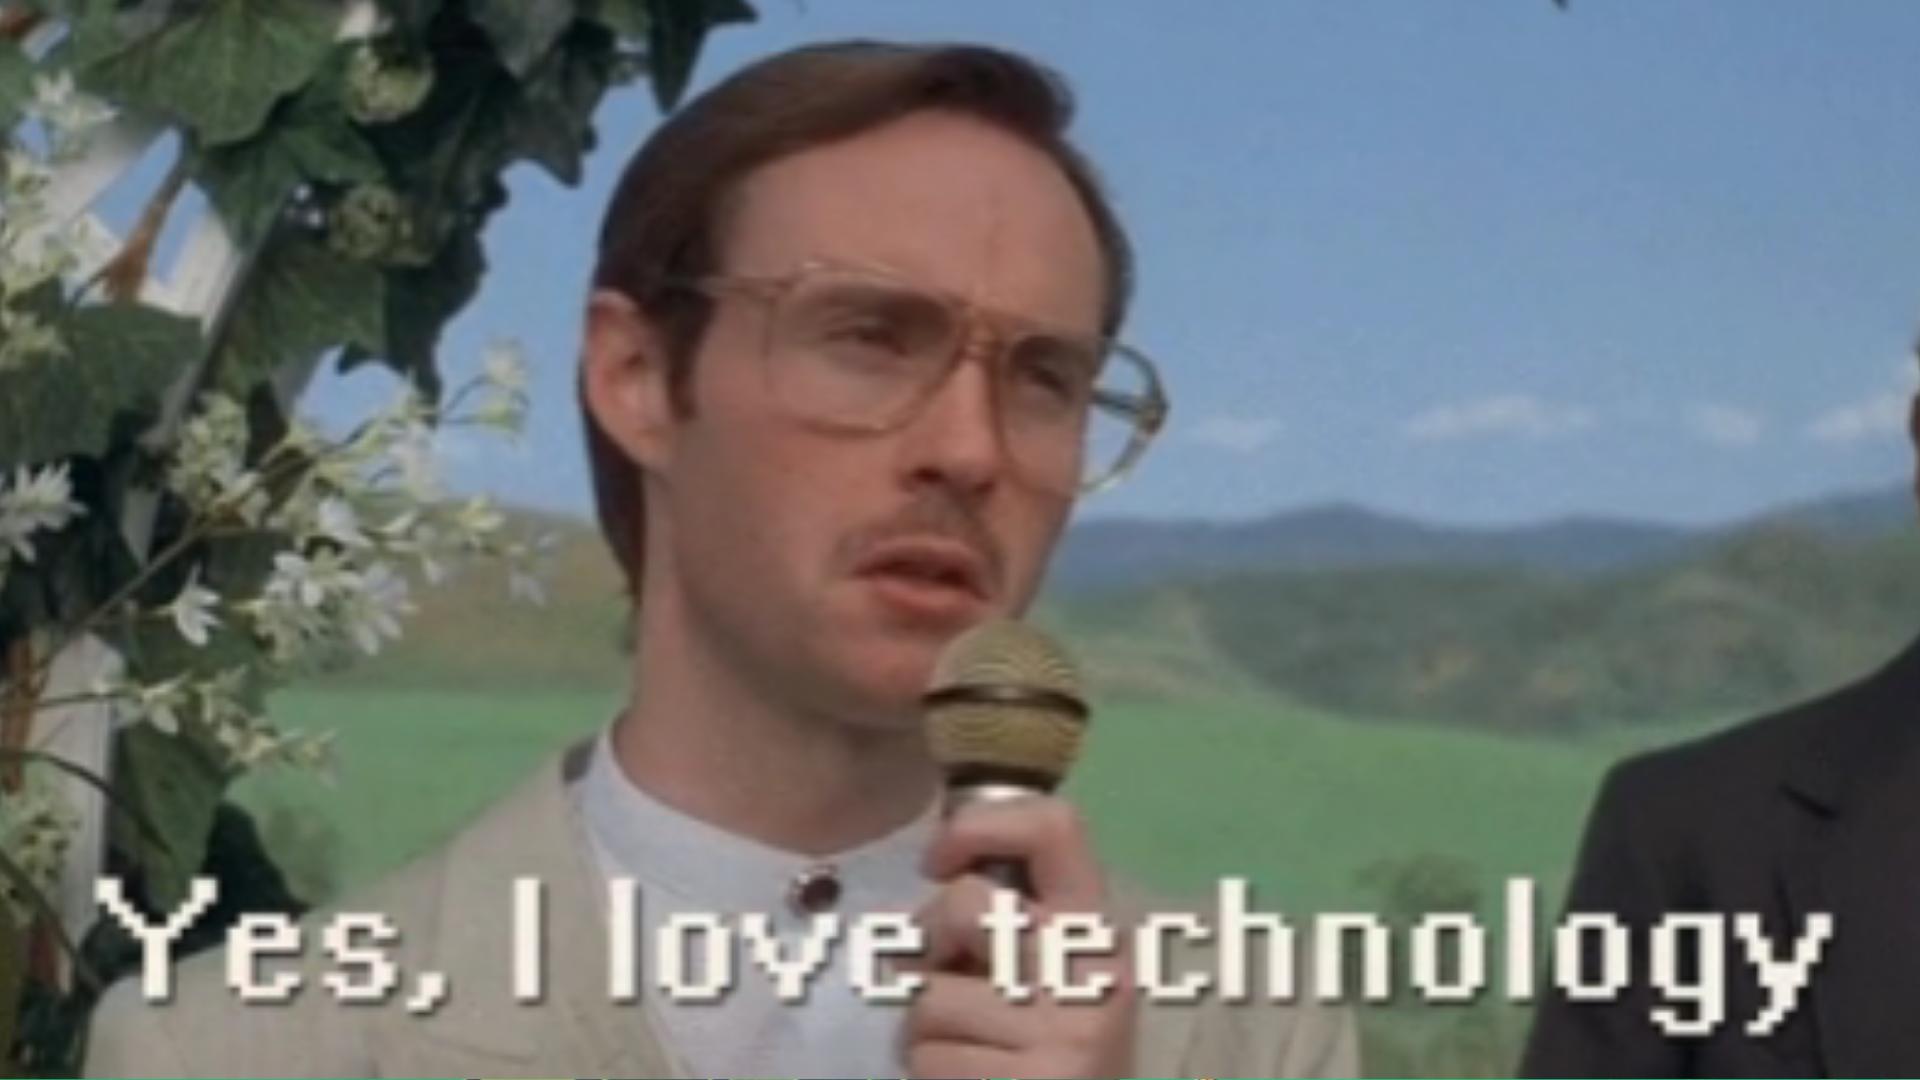 Retro Tech: Are QR codes making a comeback?